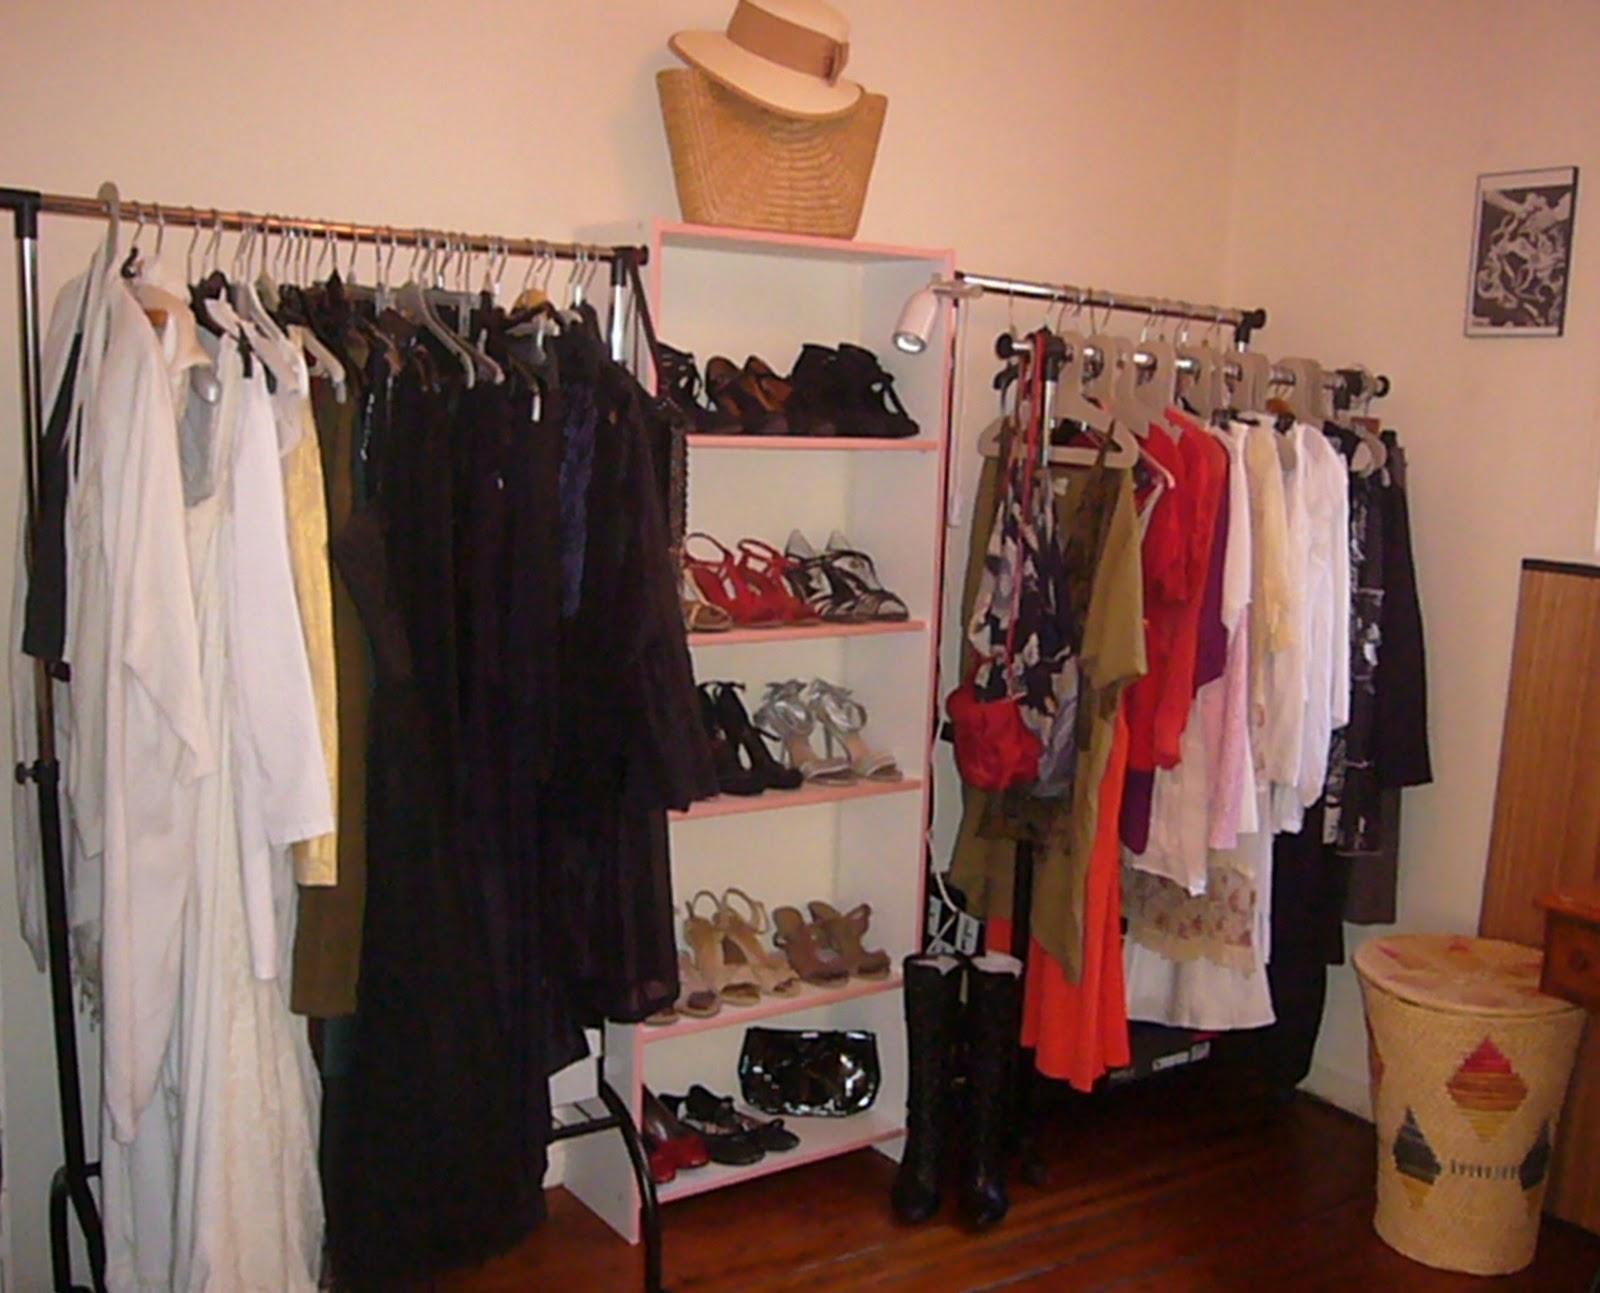 forte t te sur talons hauts bienvenue dans mon dressing. Black Bedroom Furniture Sets. Home Design Ideas